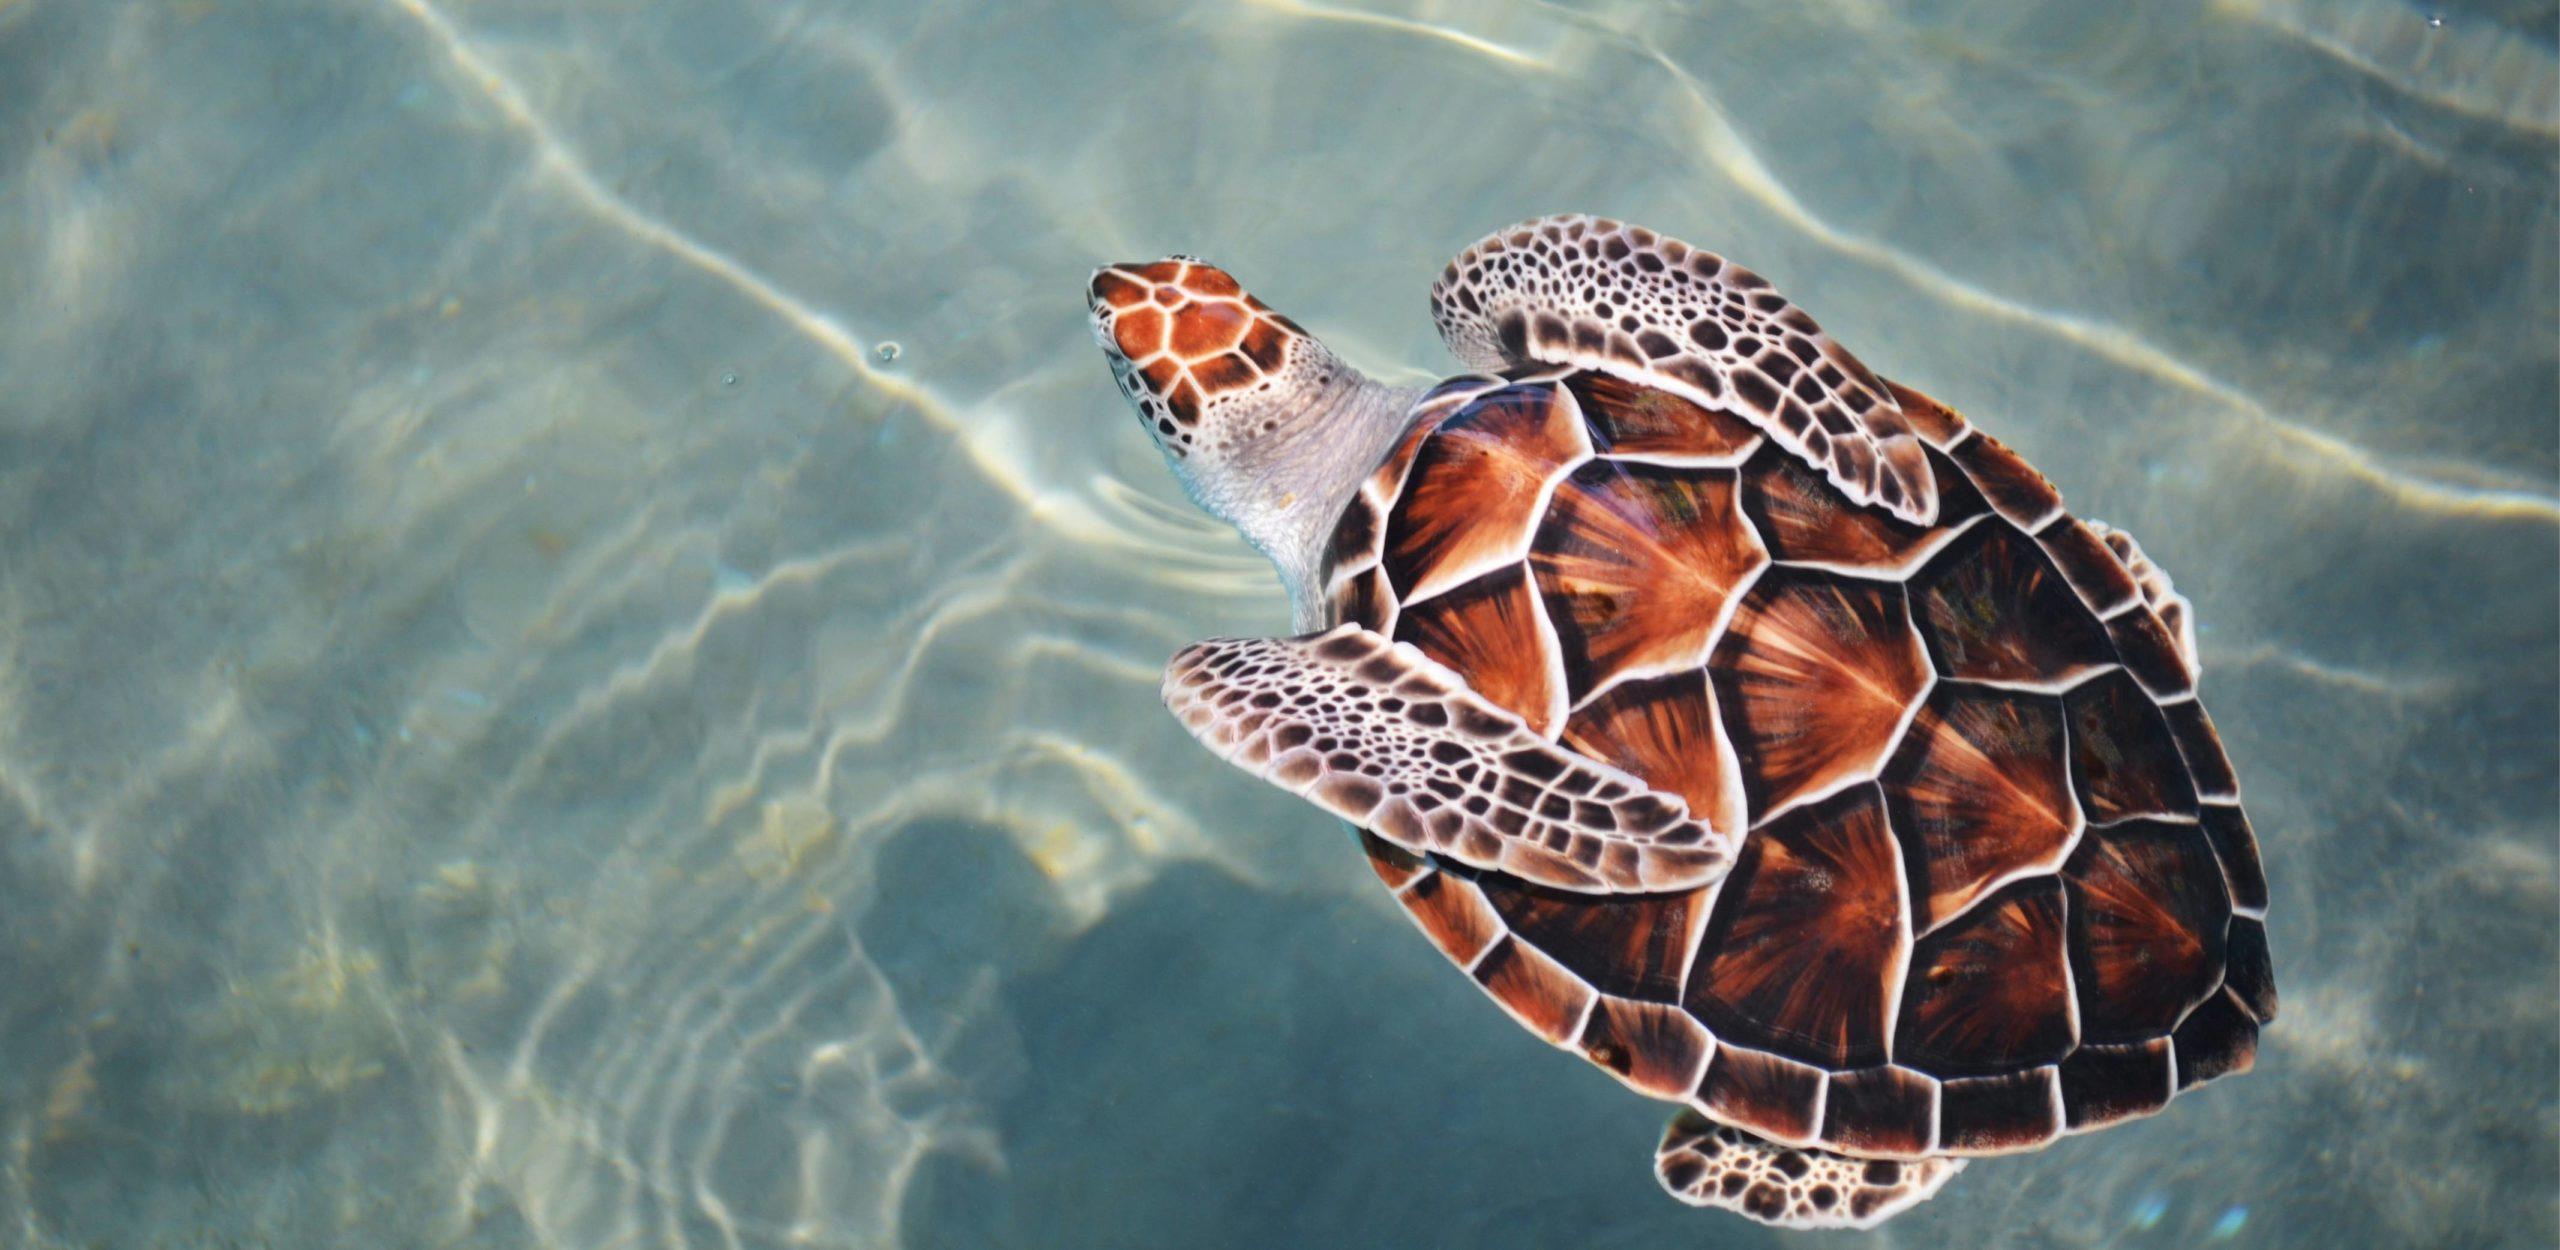 Preise - Schildkröte die im Wasser schwimmt